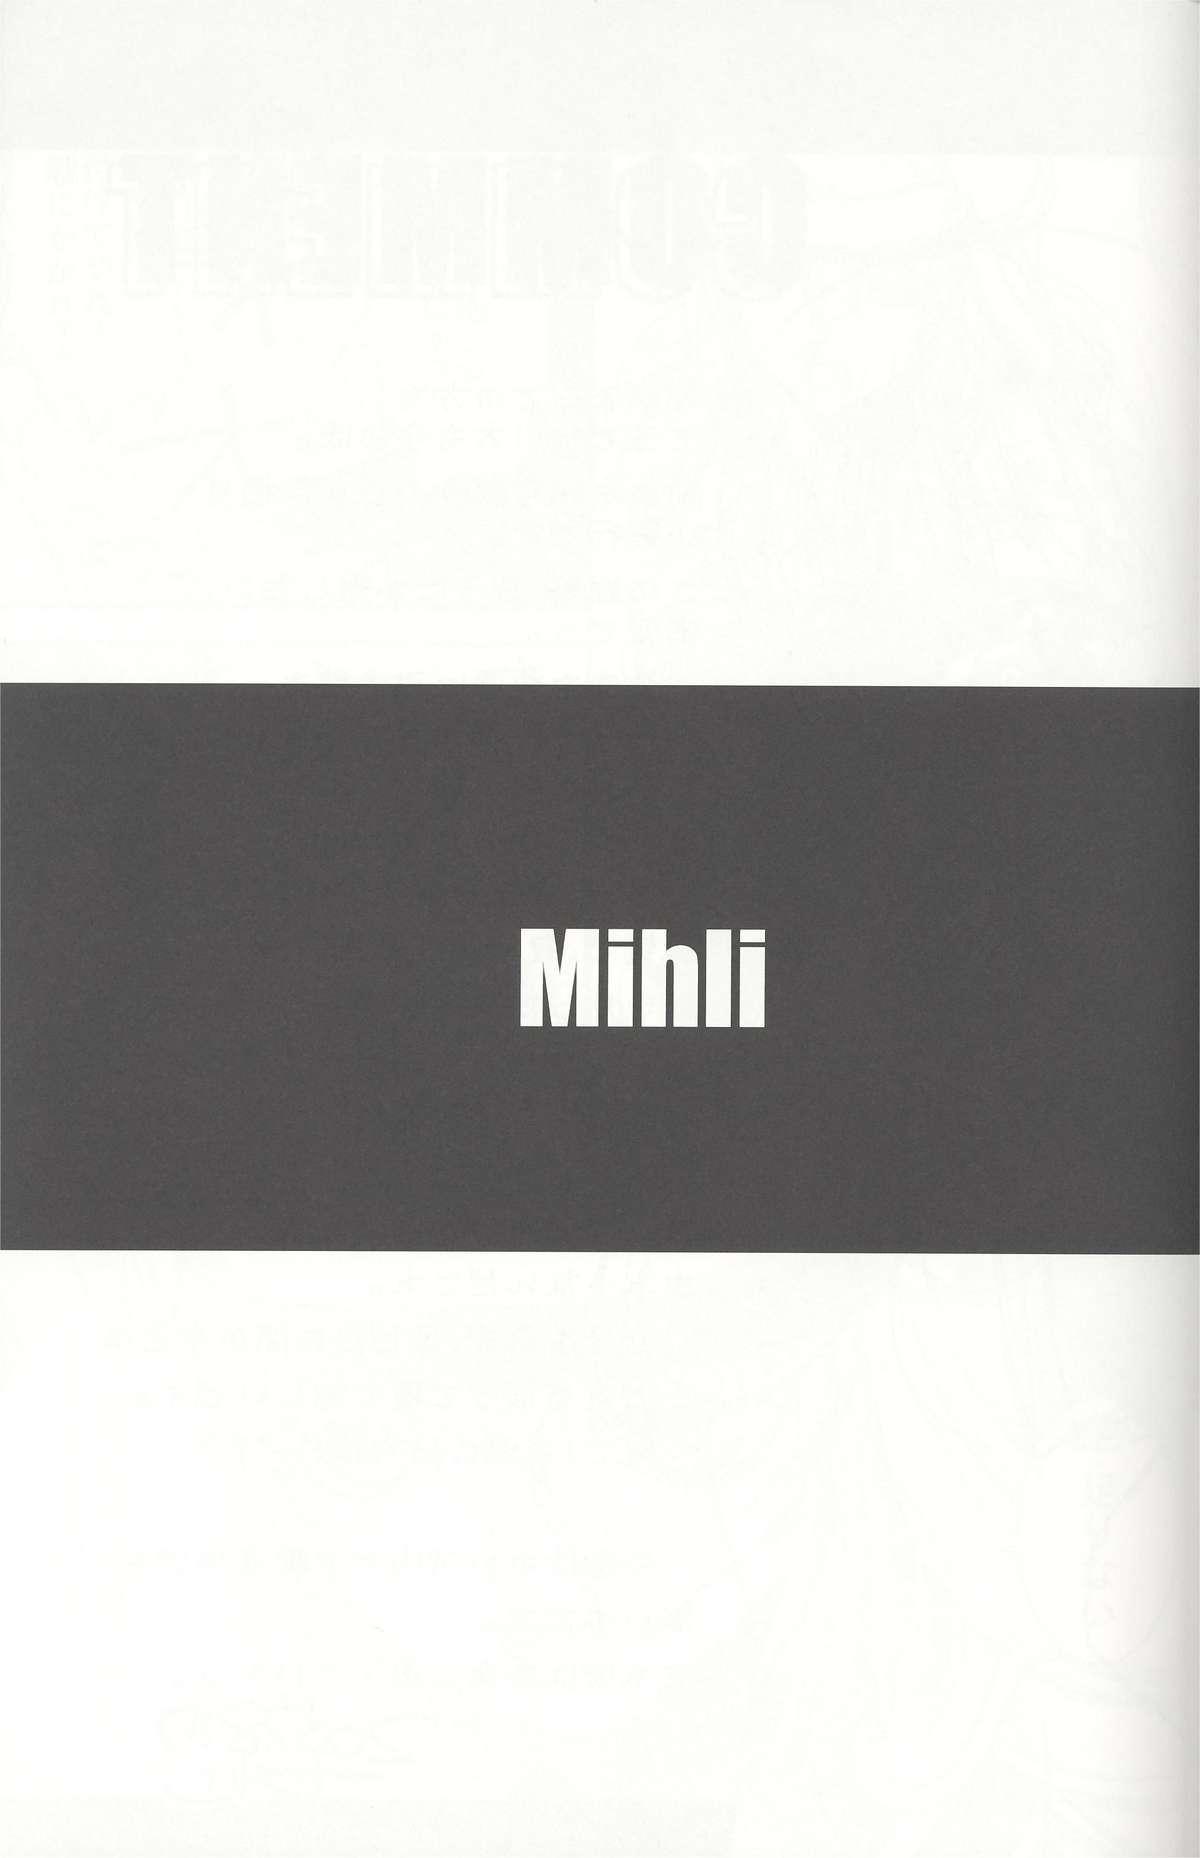 Mihli 1